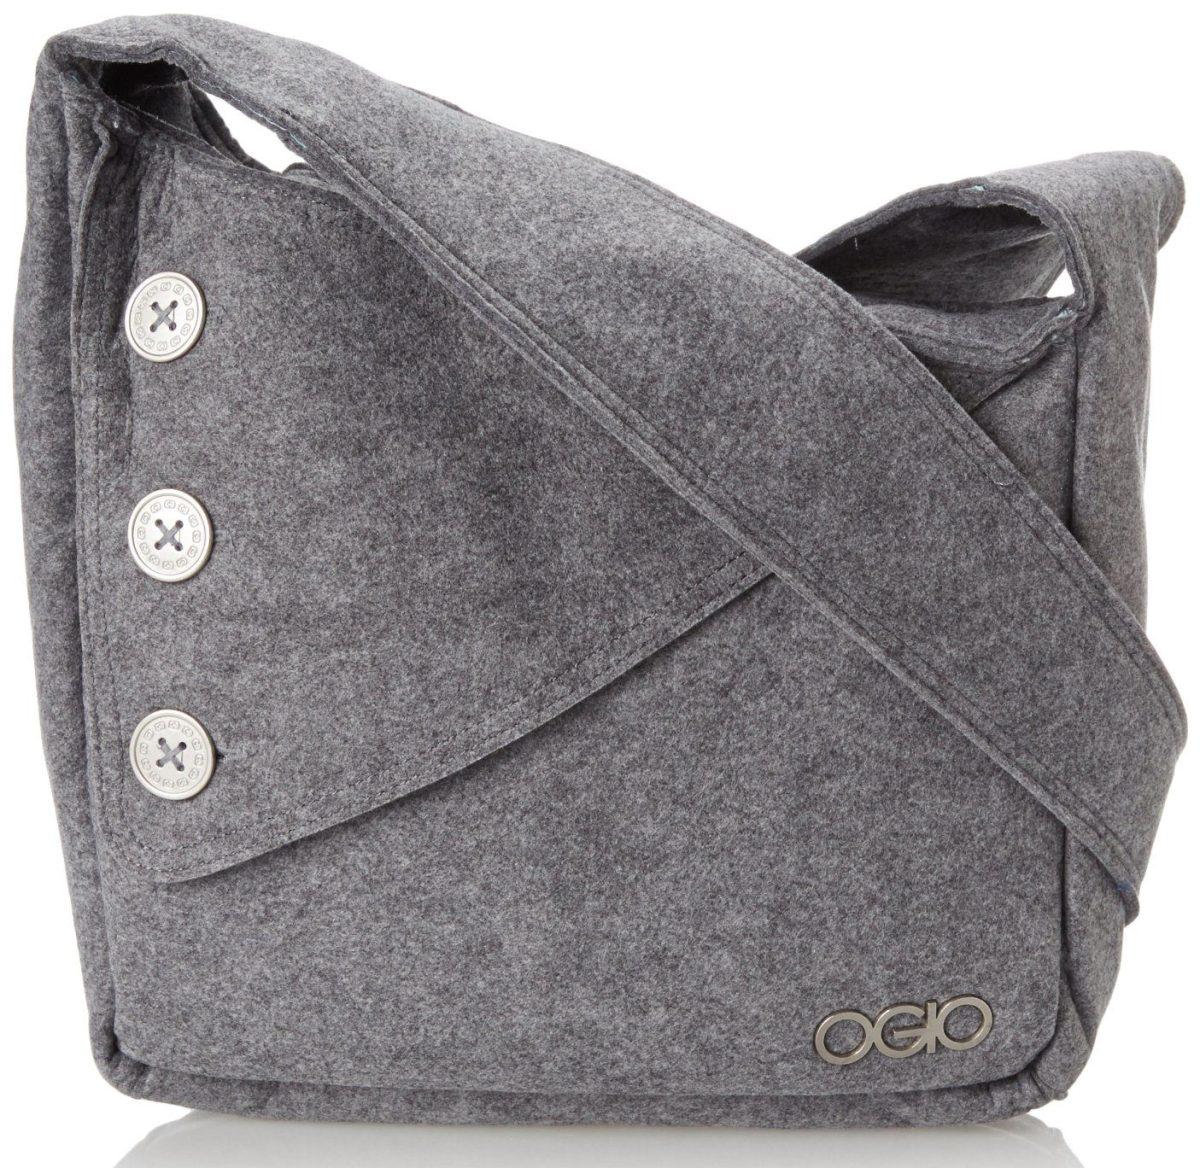 Cute iPad Purses, Tablet Handbags